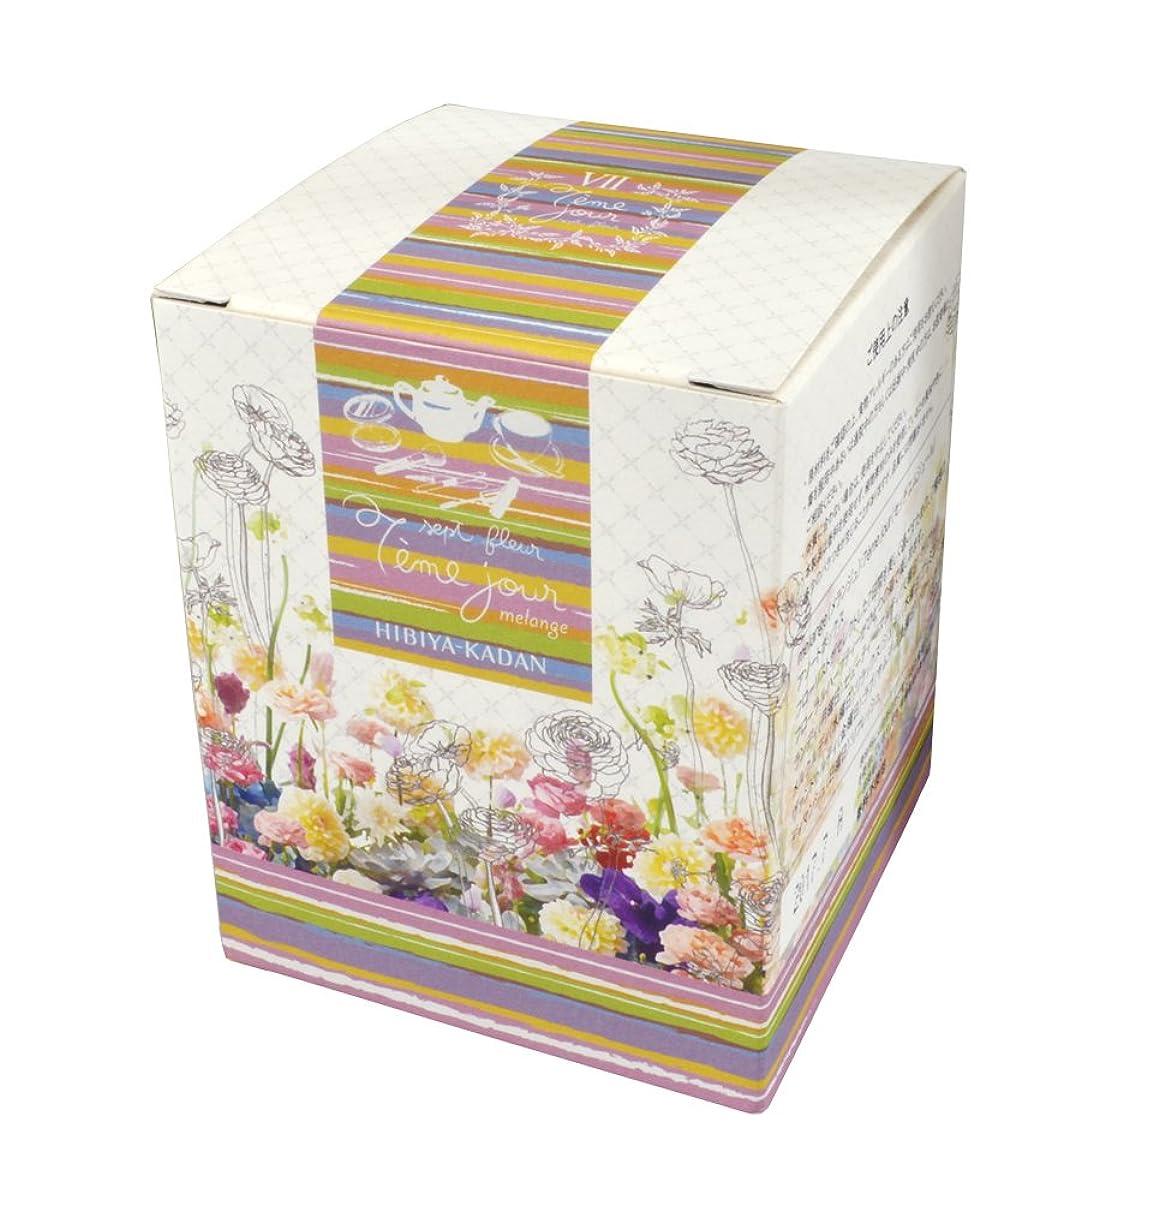 ペリスコープウミウシ提供する日比谷花壇 セッチエムジュール メランジュ アソート 14包